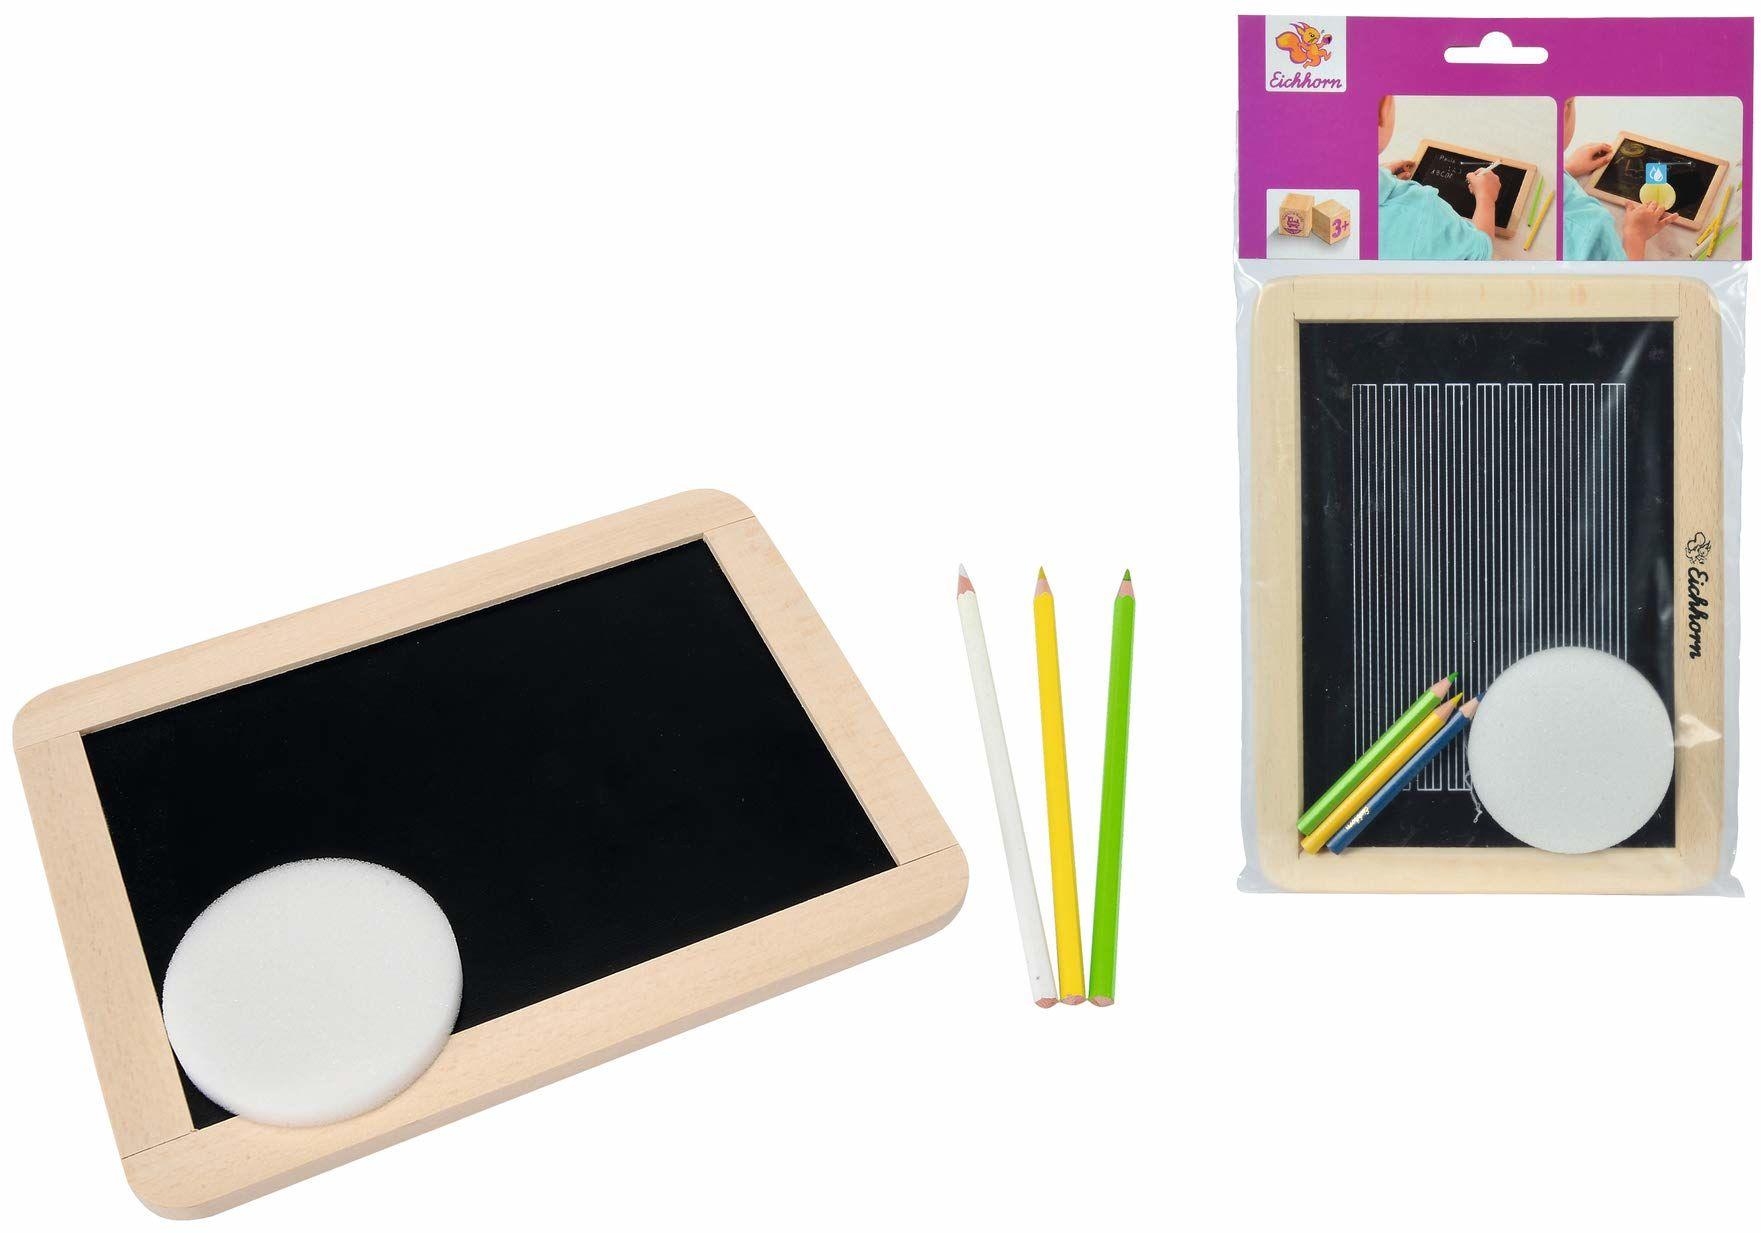 Eichhorn 100002572  mała tablica szkolna do kredek i kred, w zestawie 3 pisaki i 1 gąbka, 25 x 18 cm, 5-częściowa, drewno bukowe